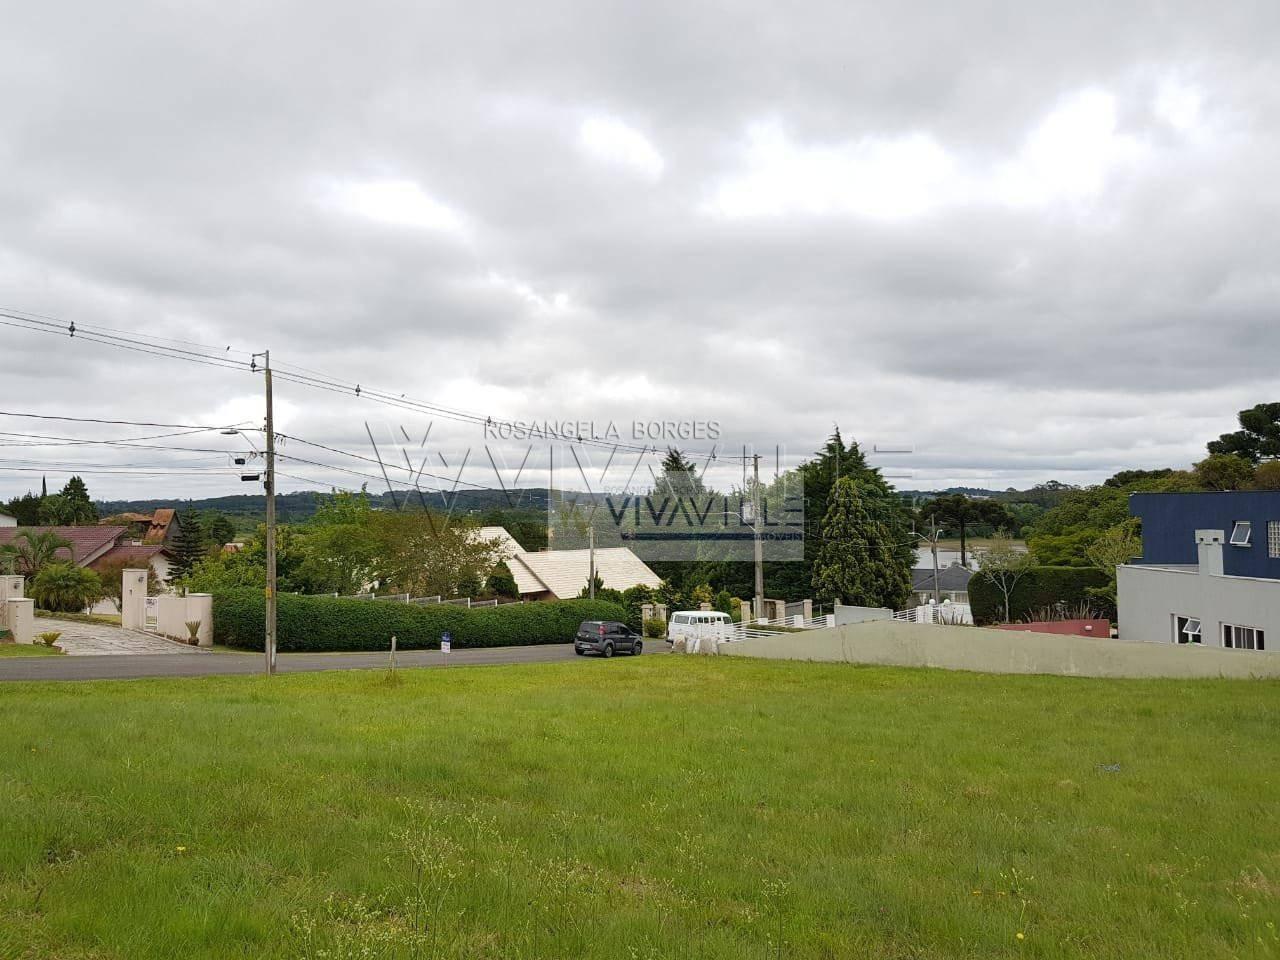 Terreno à venda, por R$ 550.000 - Jardim Menino Deus - Quatro Barras/PR